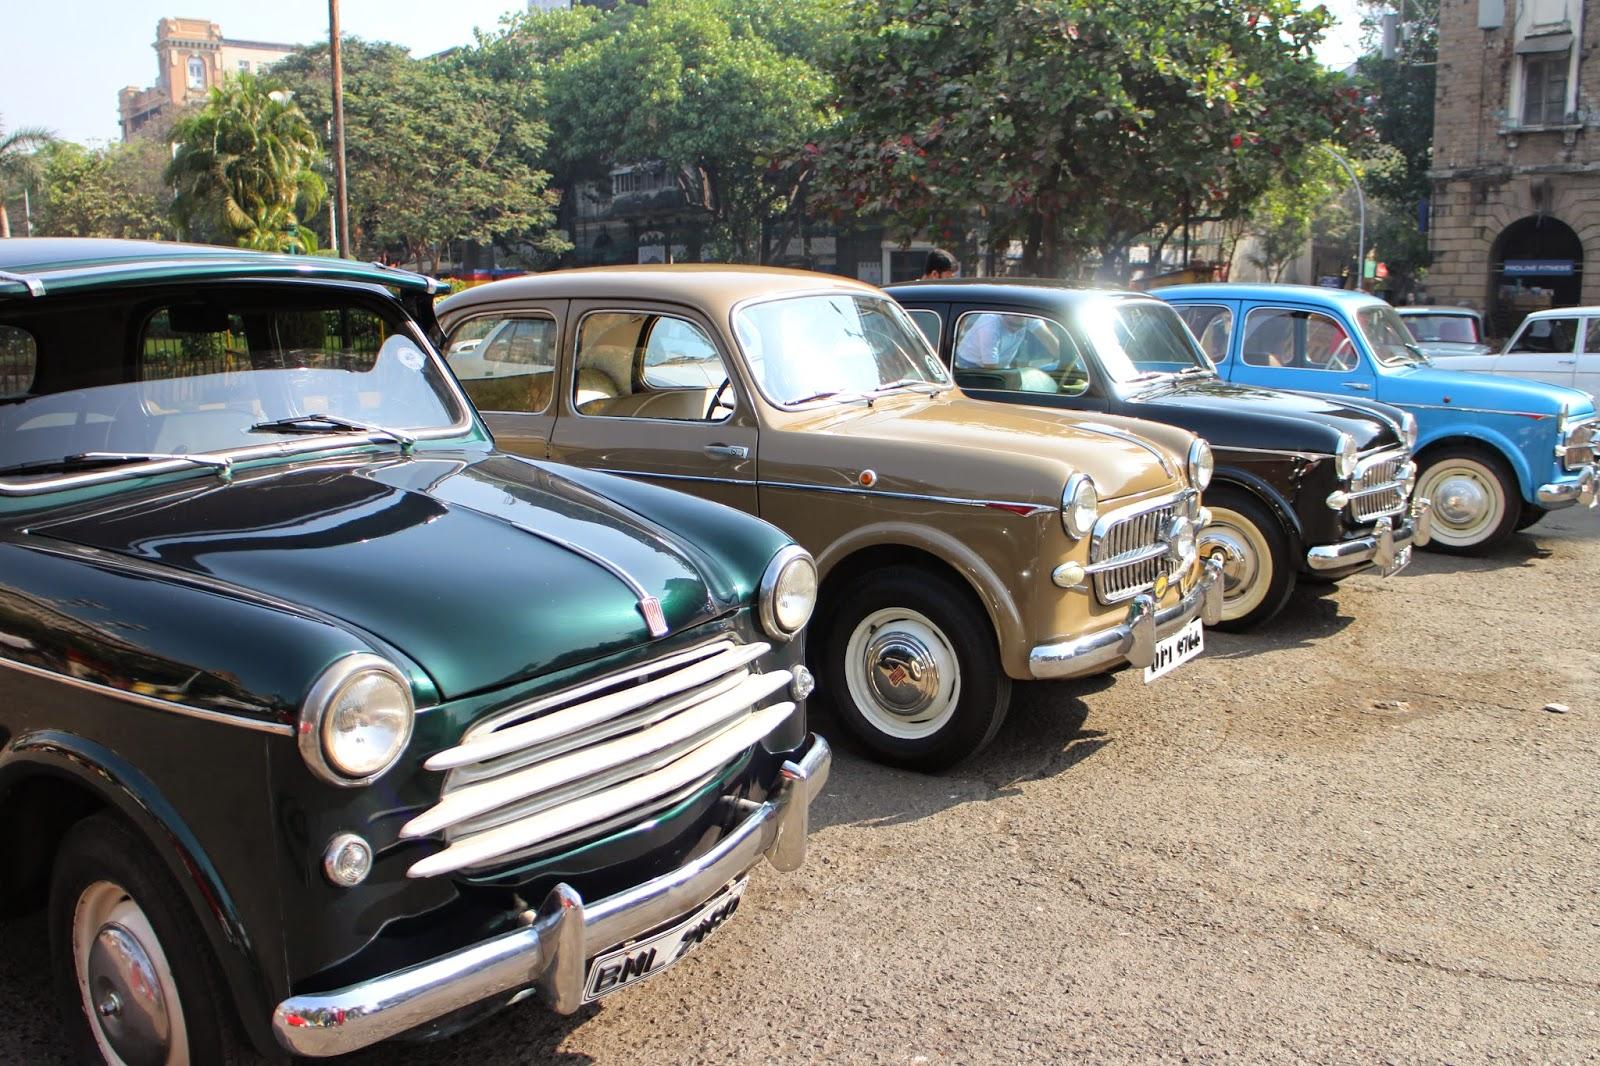 Vintage, Vintage cars, cars, Fiat, Automobile